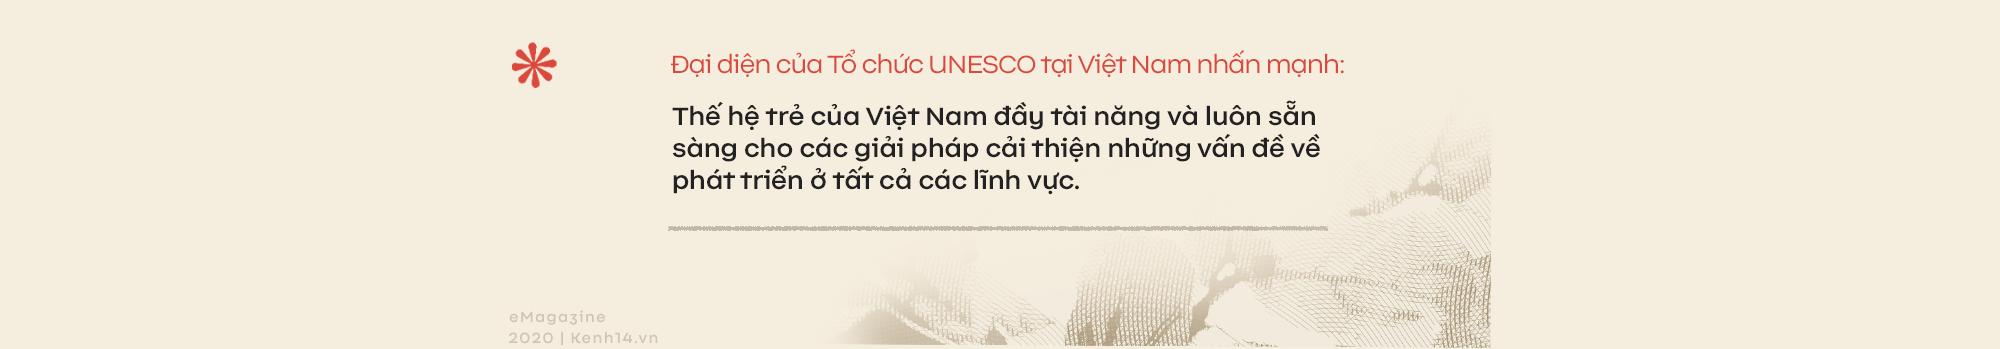 """Người Việt trẻ đang nỗ lực giải cứu môi trường thời """"hậu dịch"""" - Ảnh 8."""